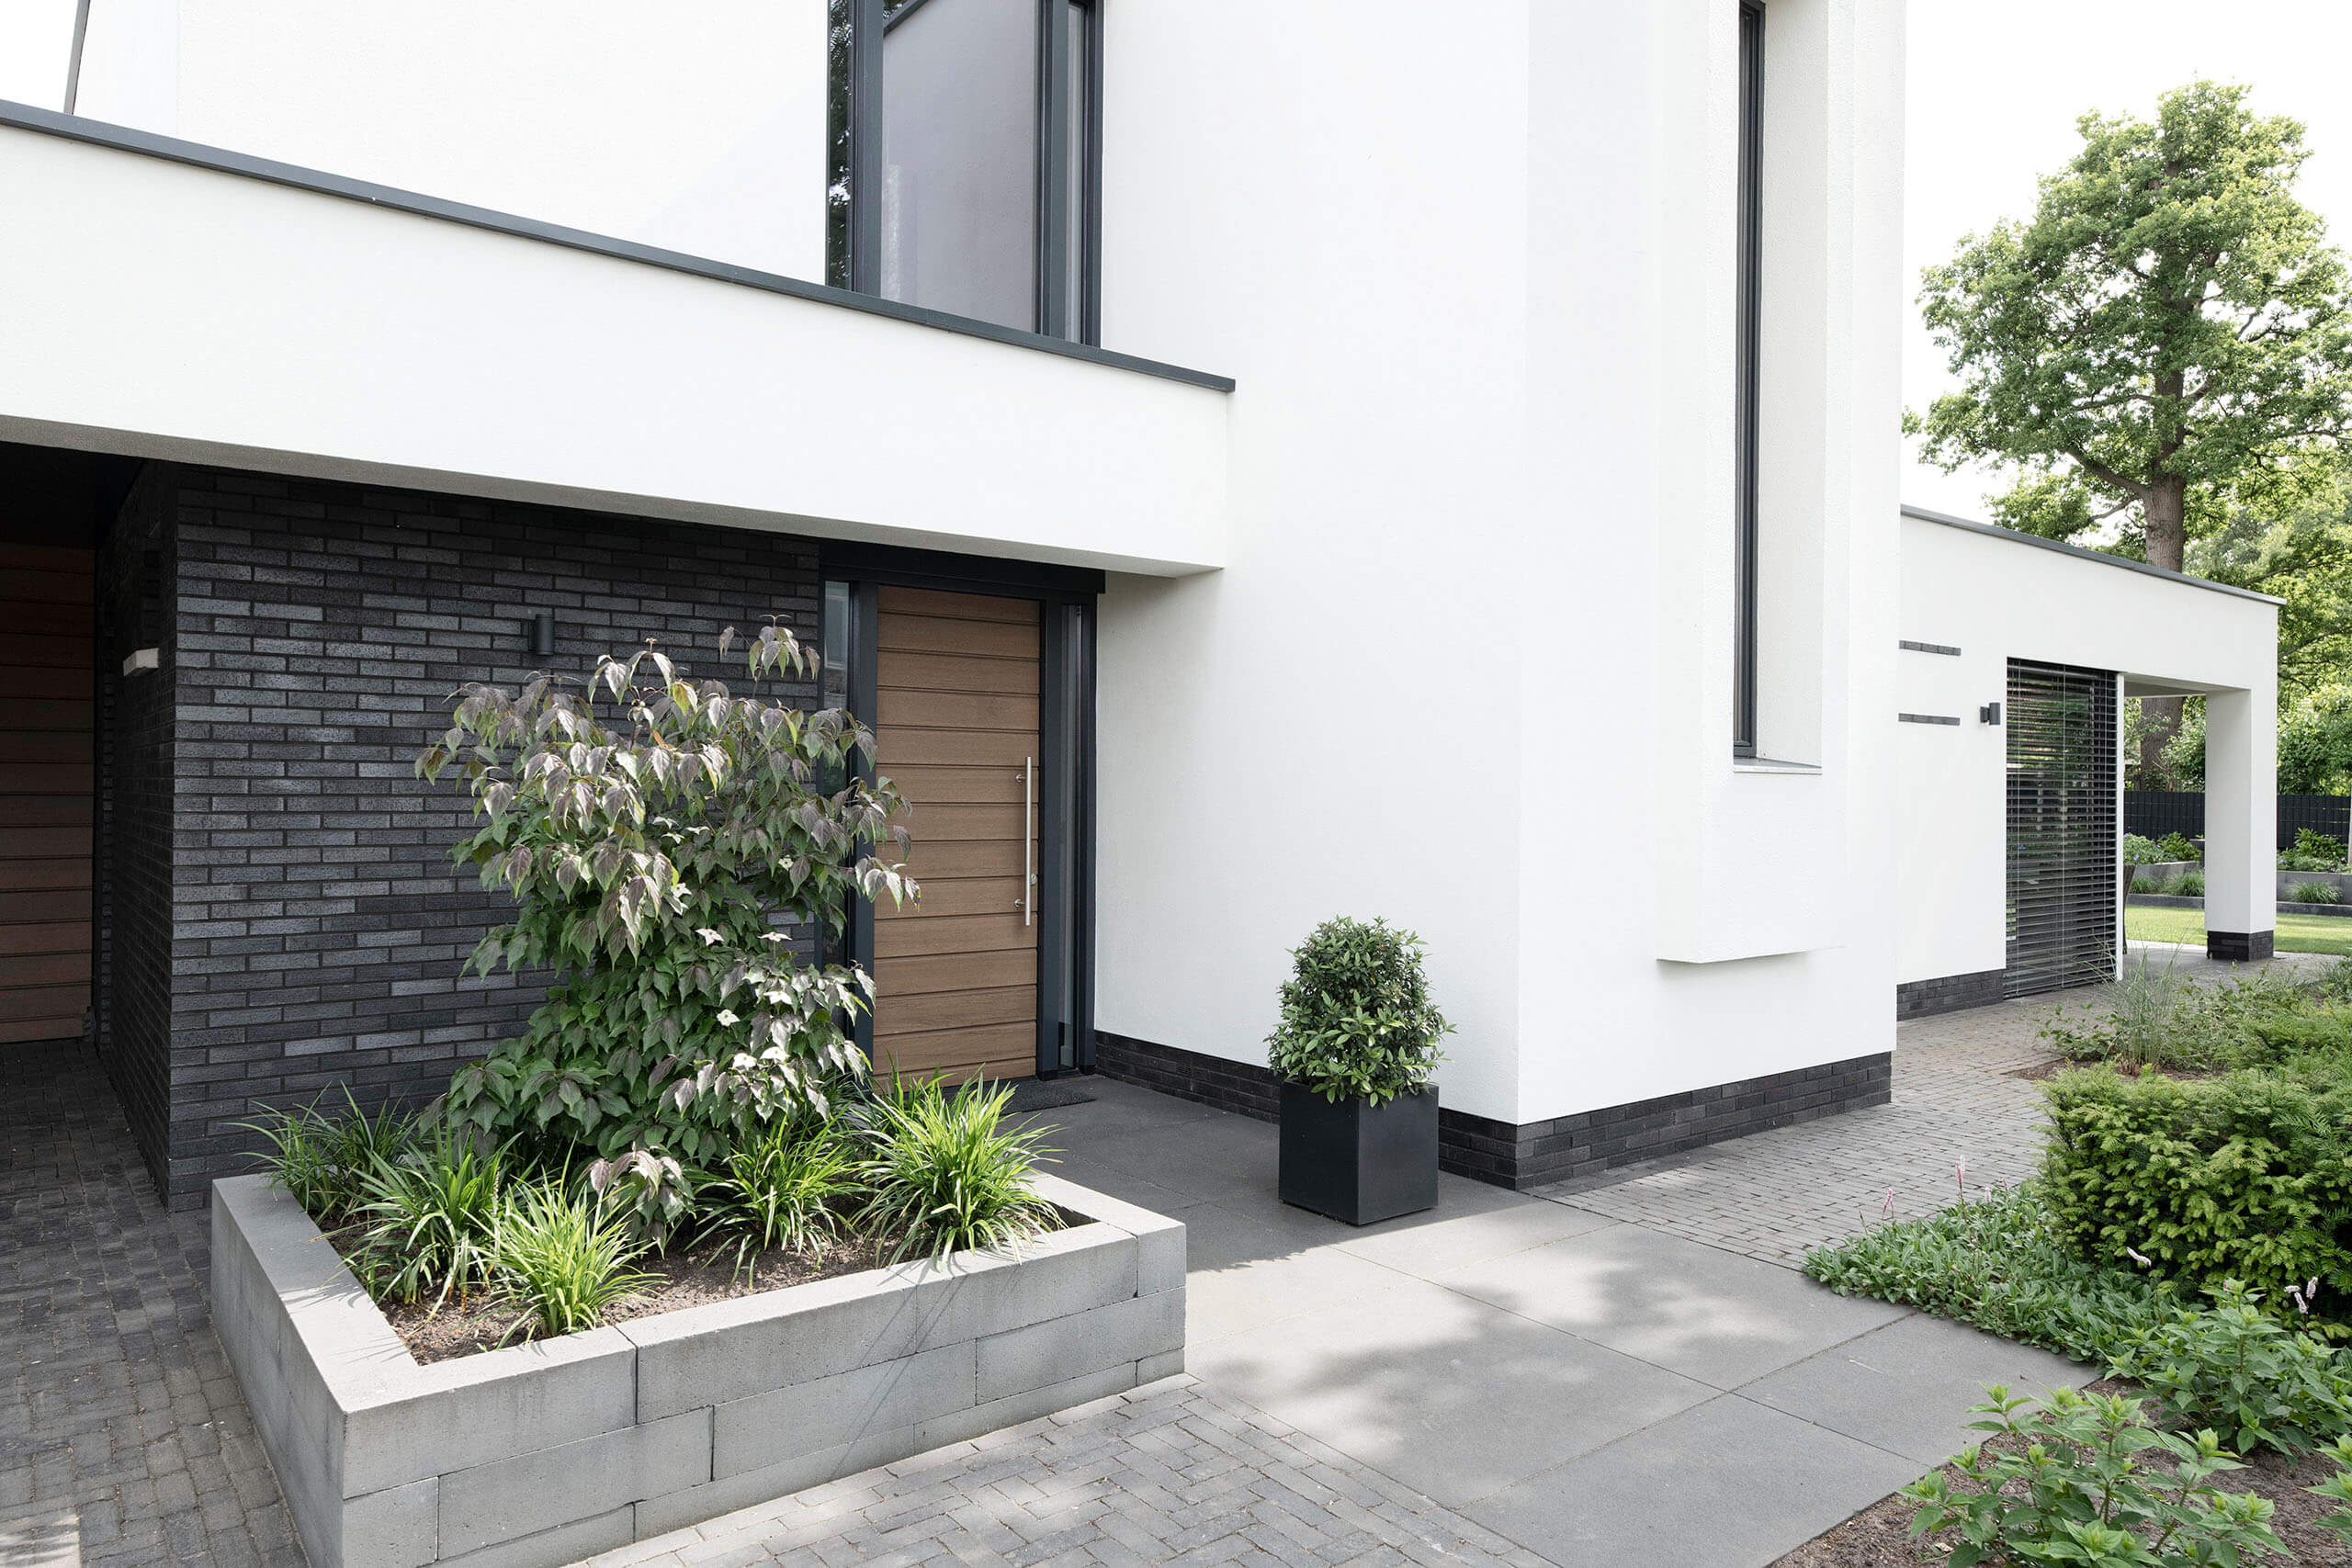 beeldbank fotografie architect tuin modern wonen stijlvol